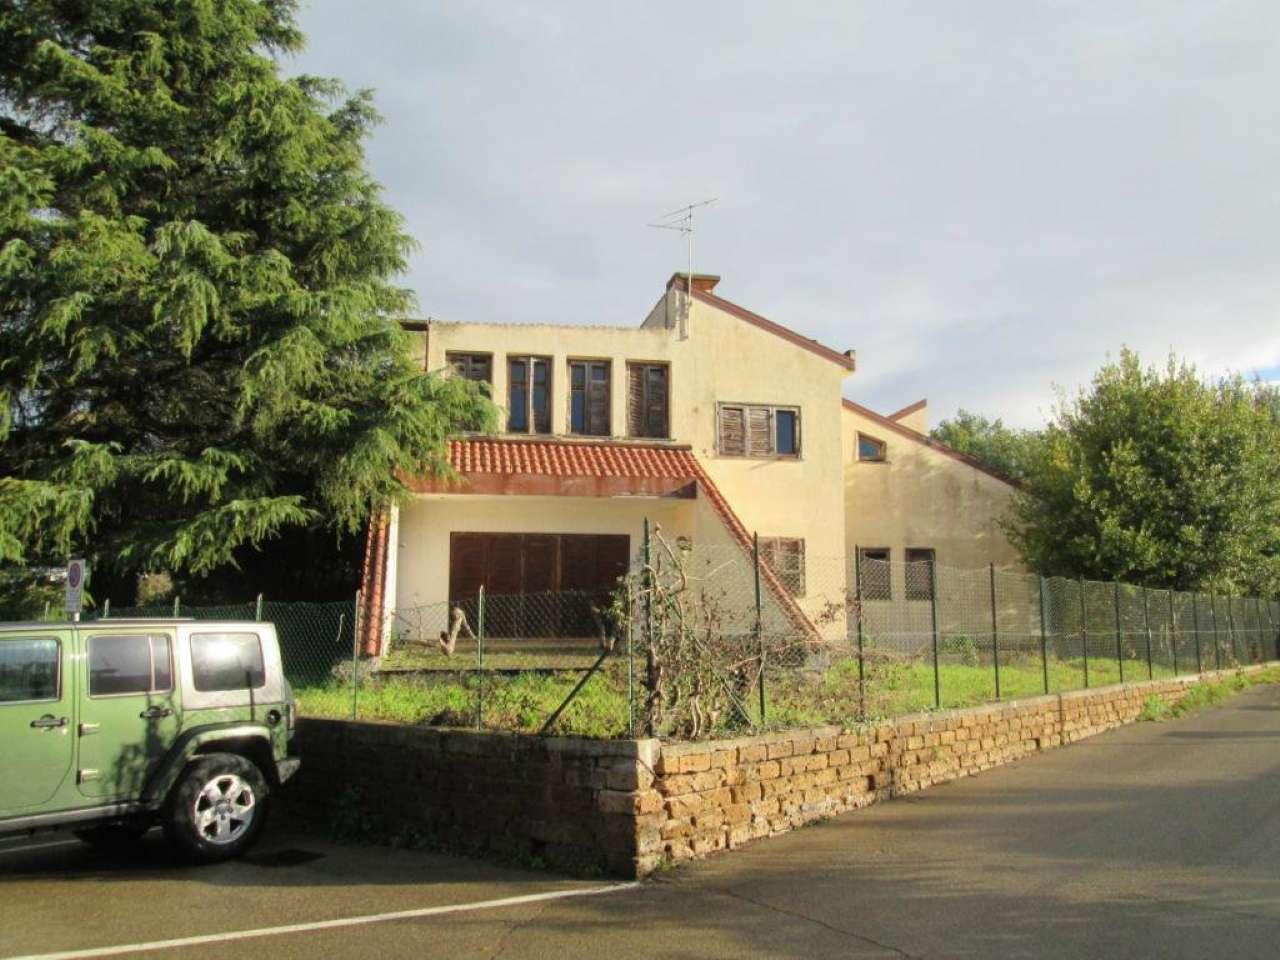 Villa A Tre Piani villa monofamiliare su tre piani con ampio giardino